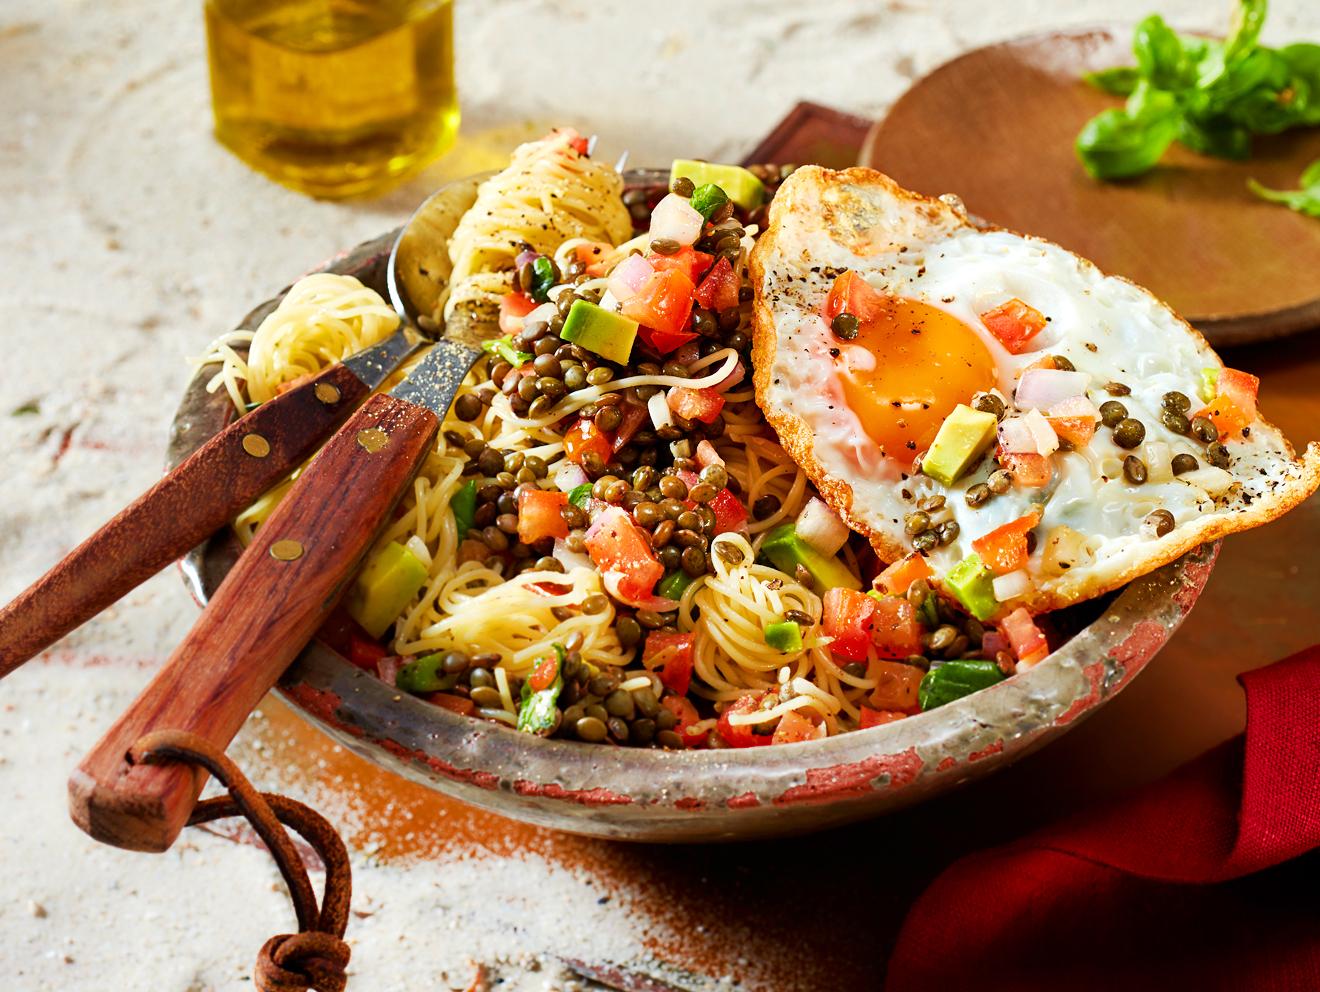 Schnelle Vegetarische Gerichte – In 30 Minuten Fertig! | Lecker bestimmt für Mittagsgerichte Schnell Und Einfach